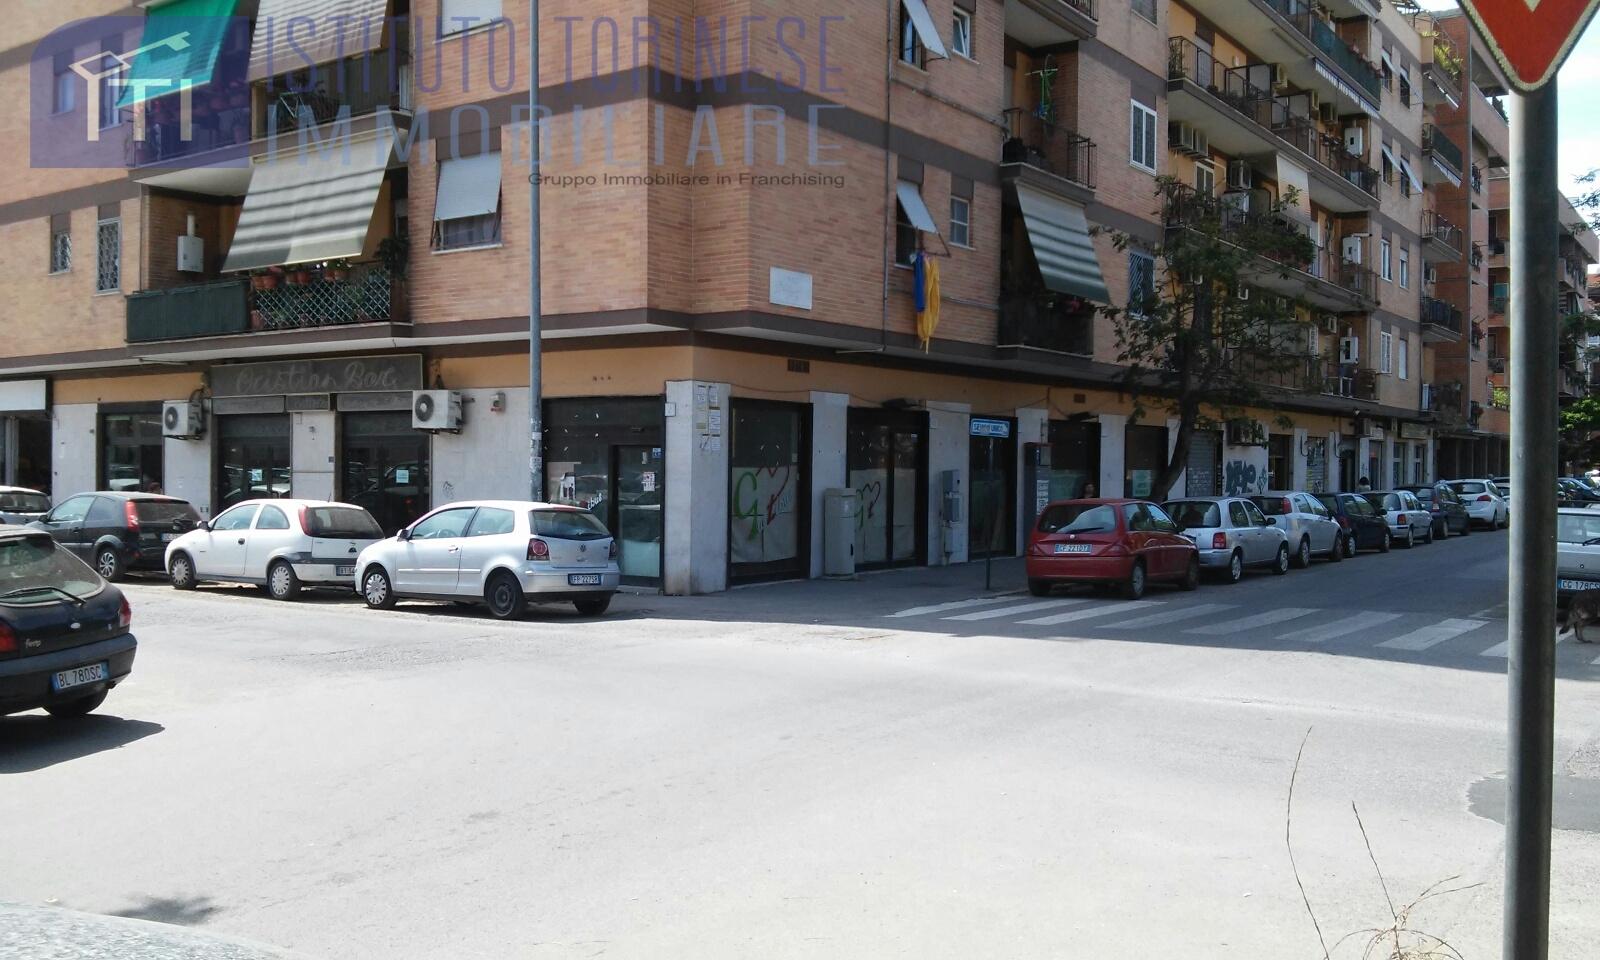 affitto locale commerciale roma ostia ostia antica  7500 euro  430 mq